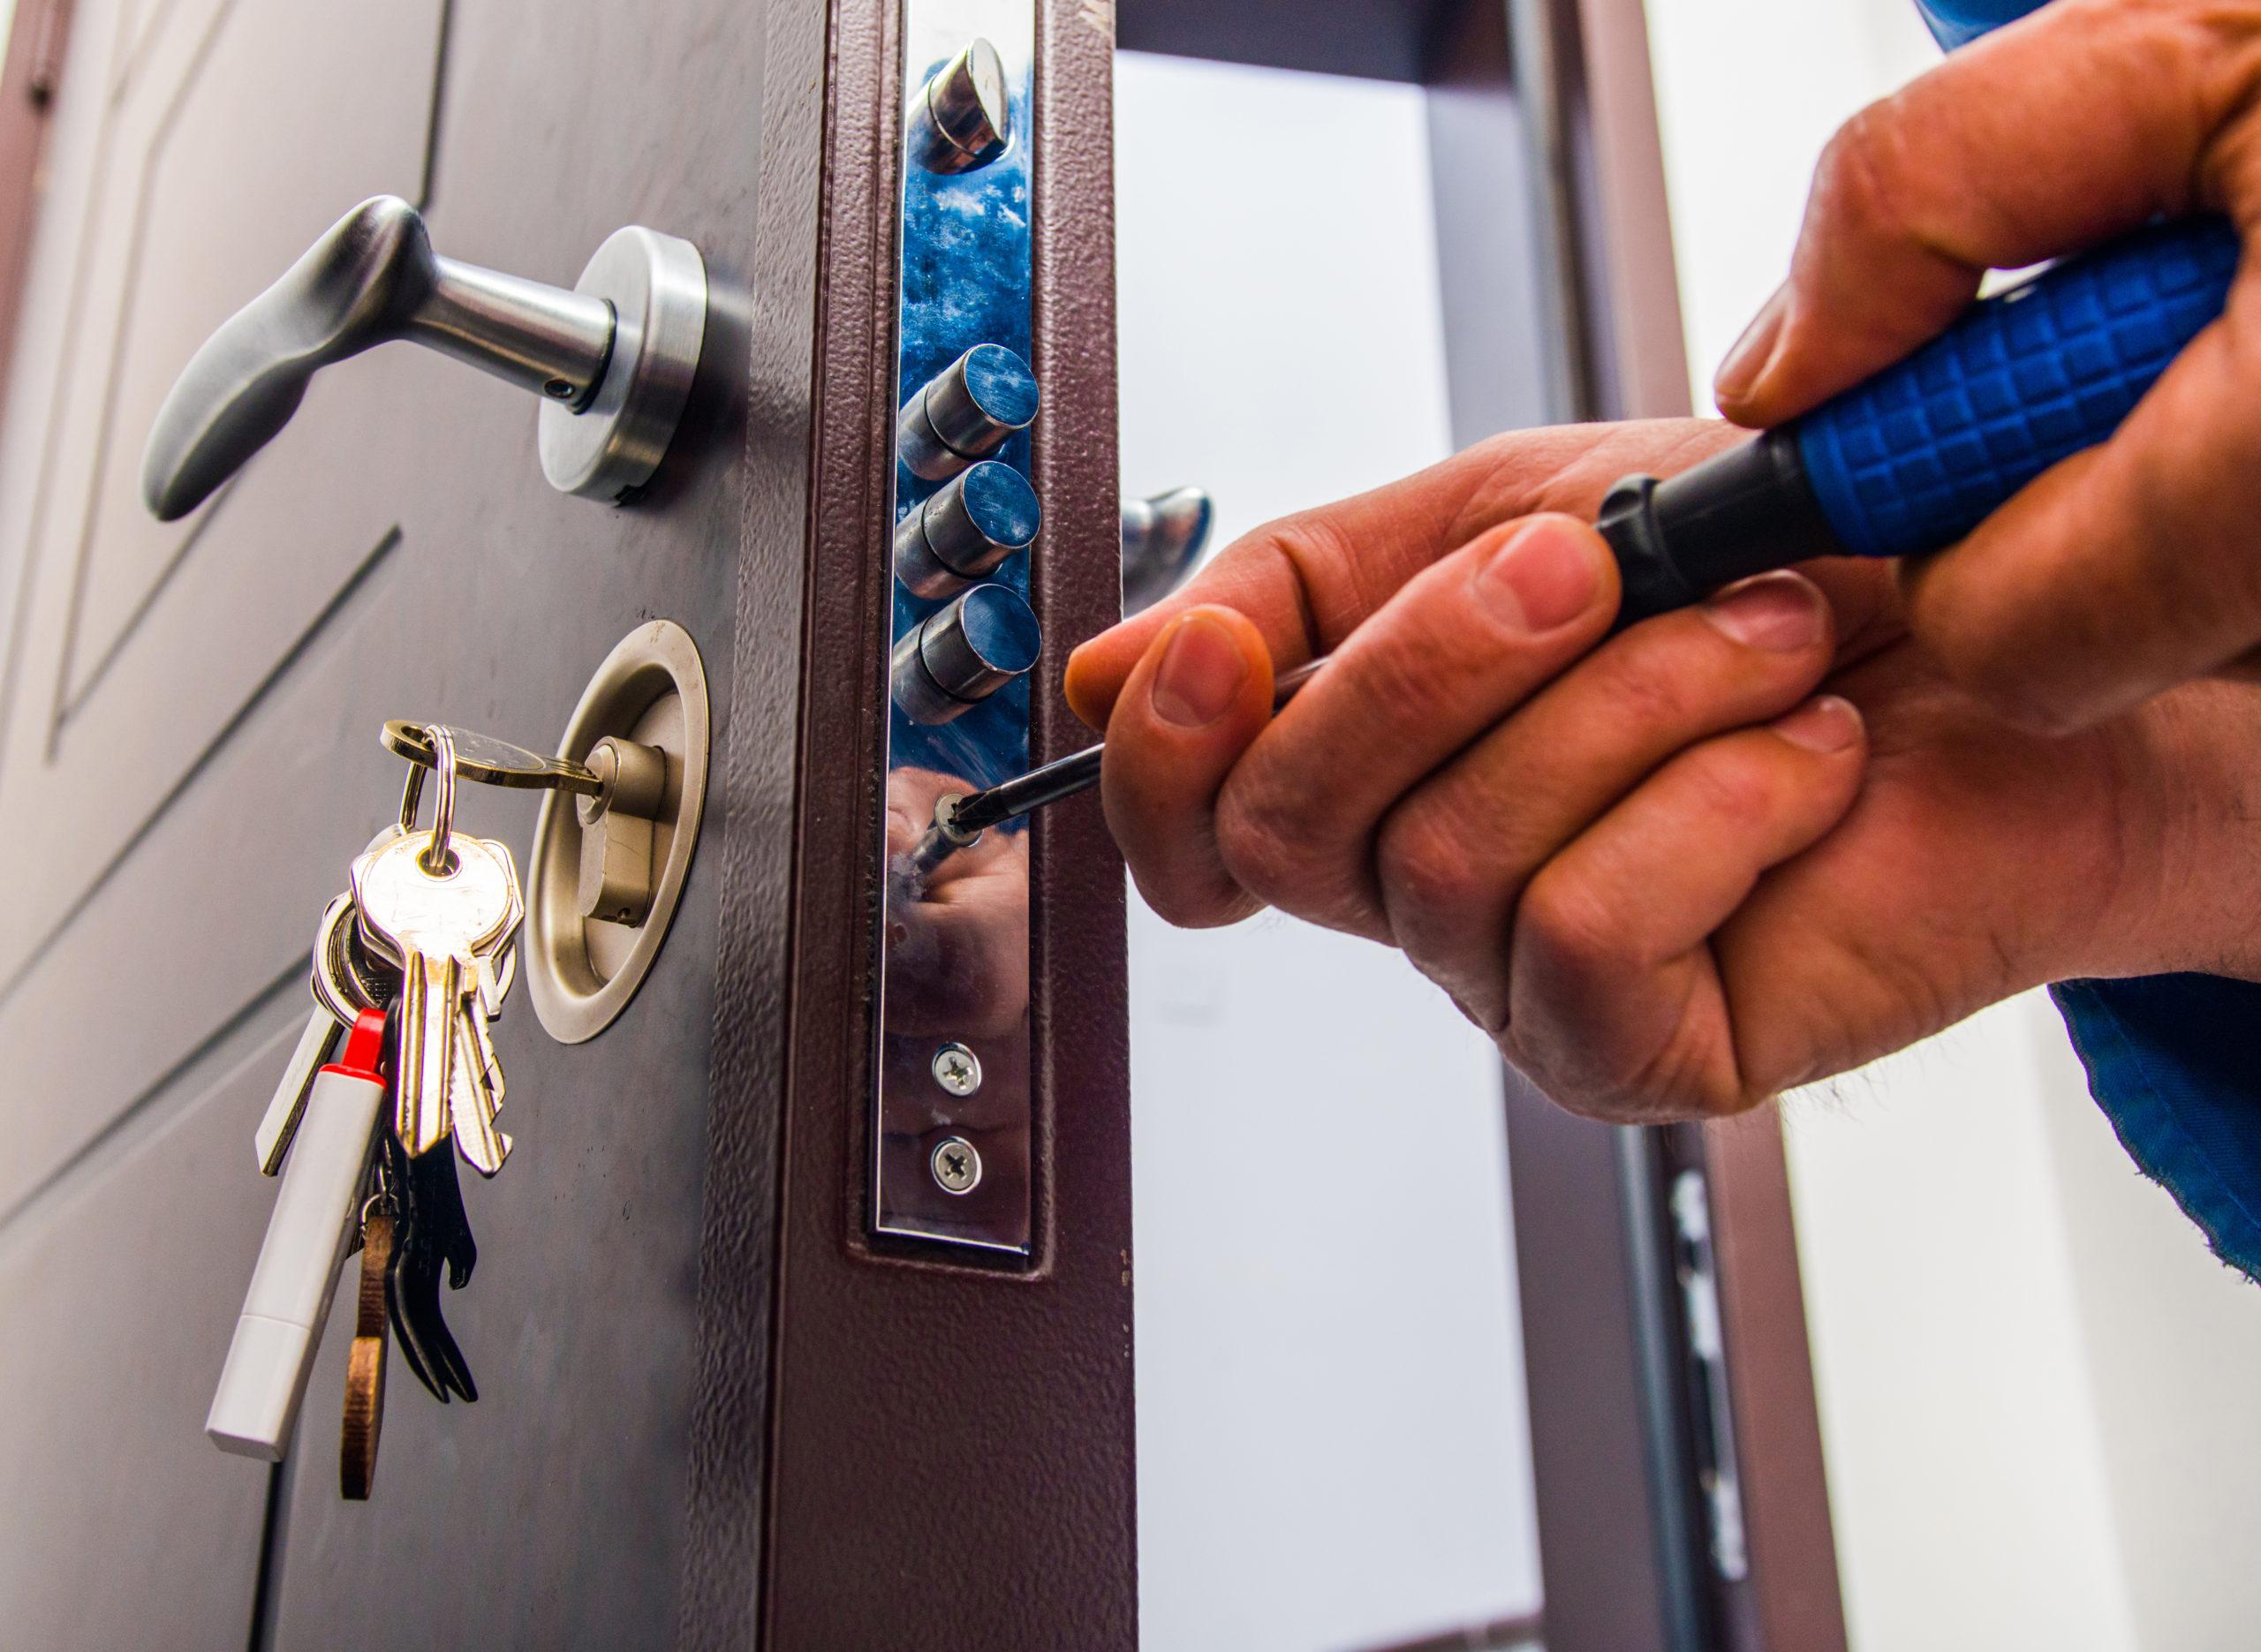 Repairman is standing in the hallway and fixing the door lock with screwdriver